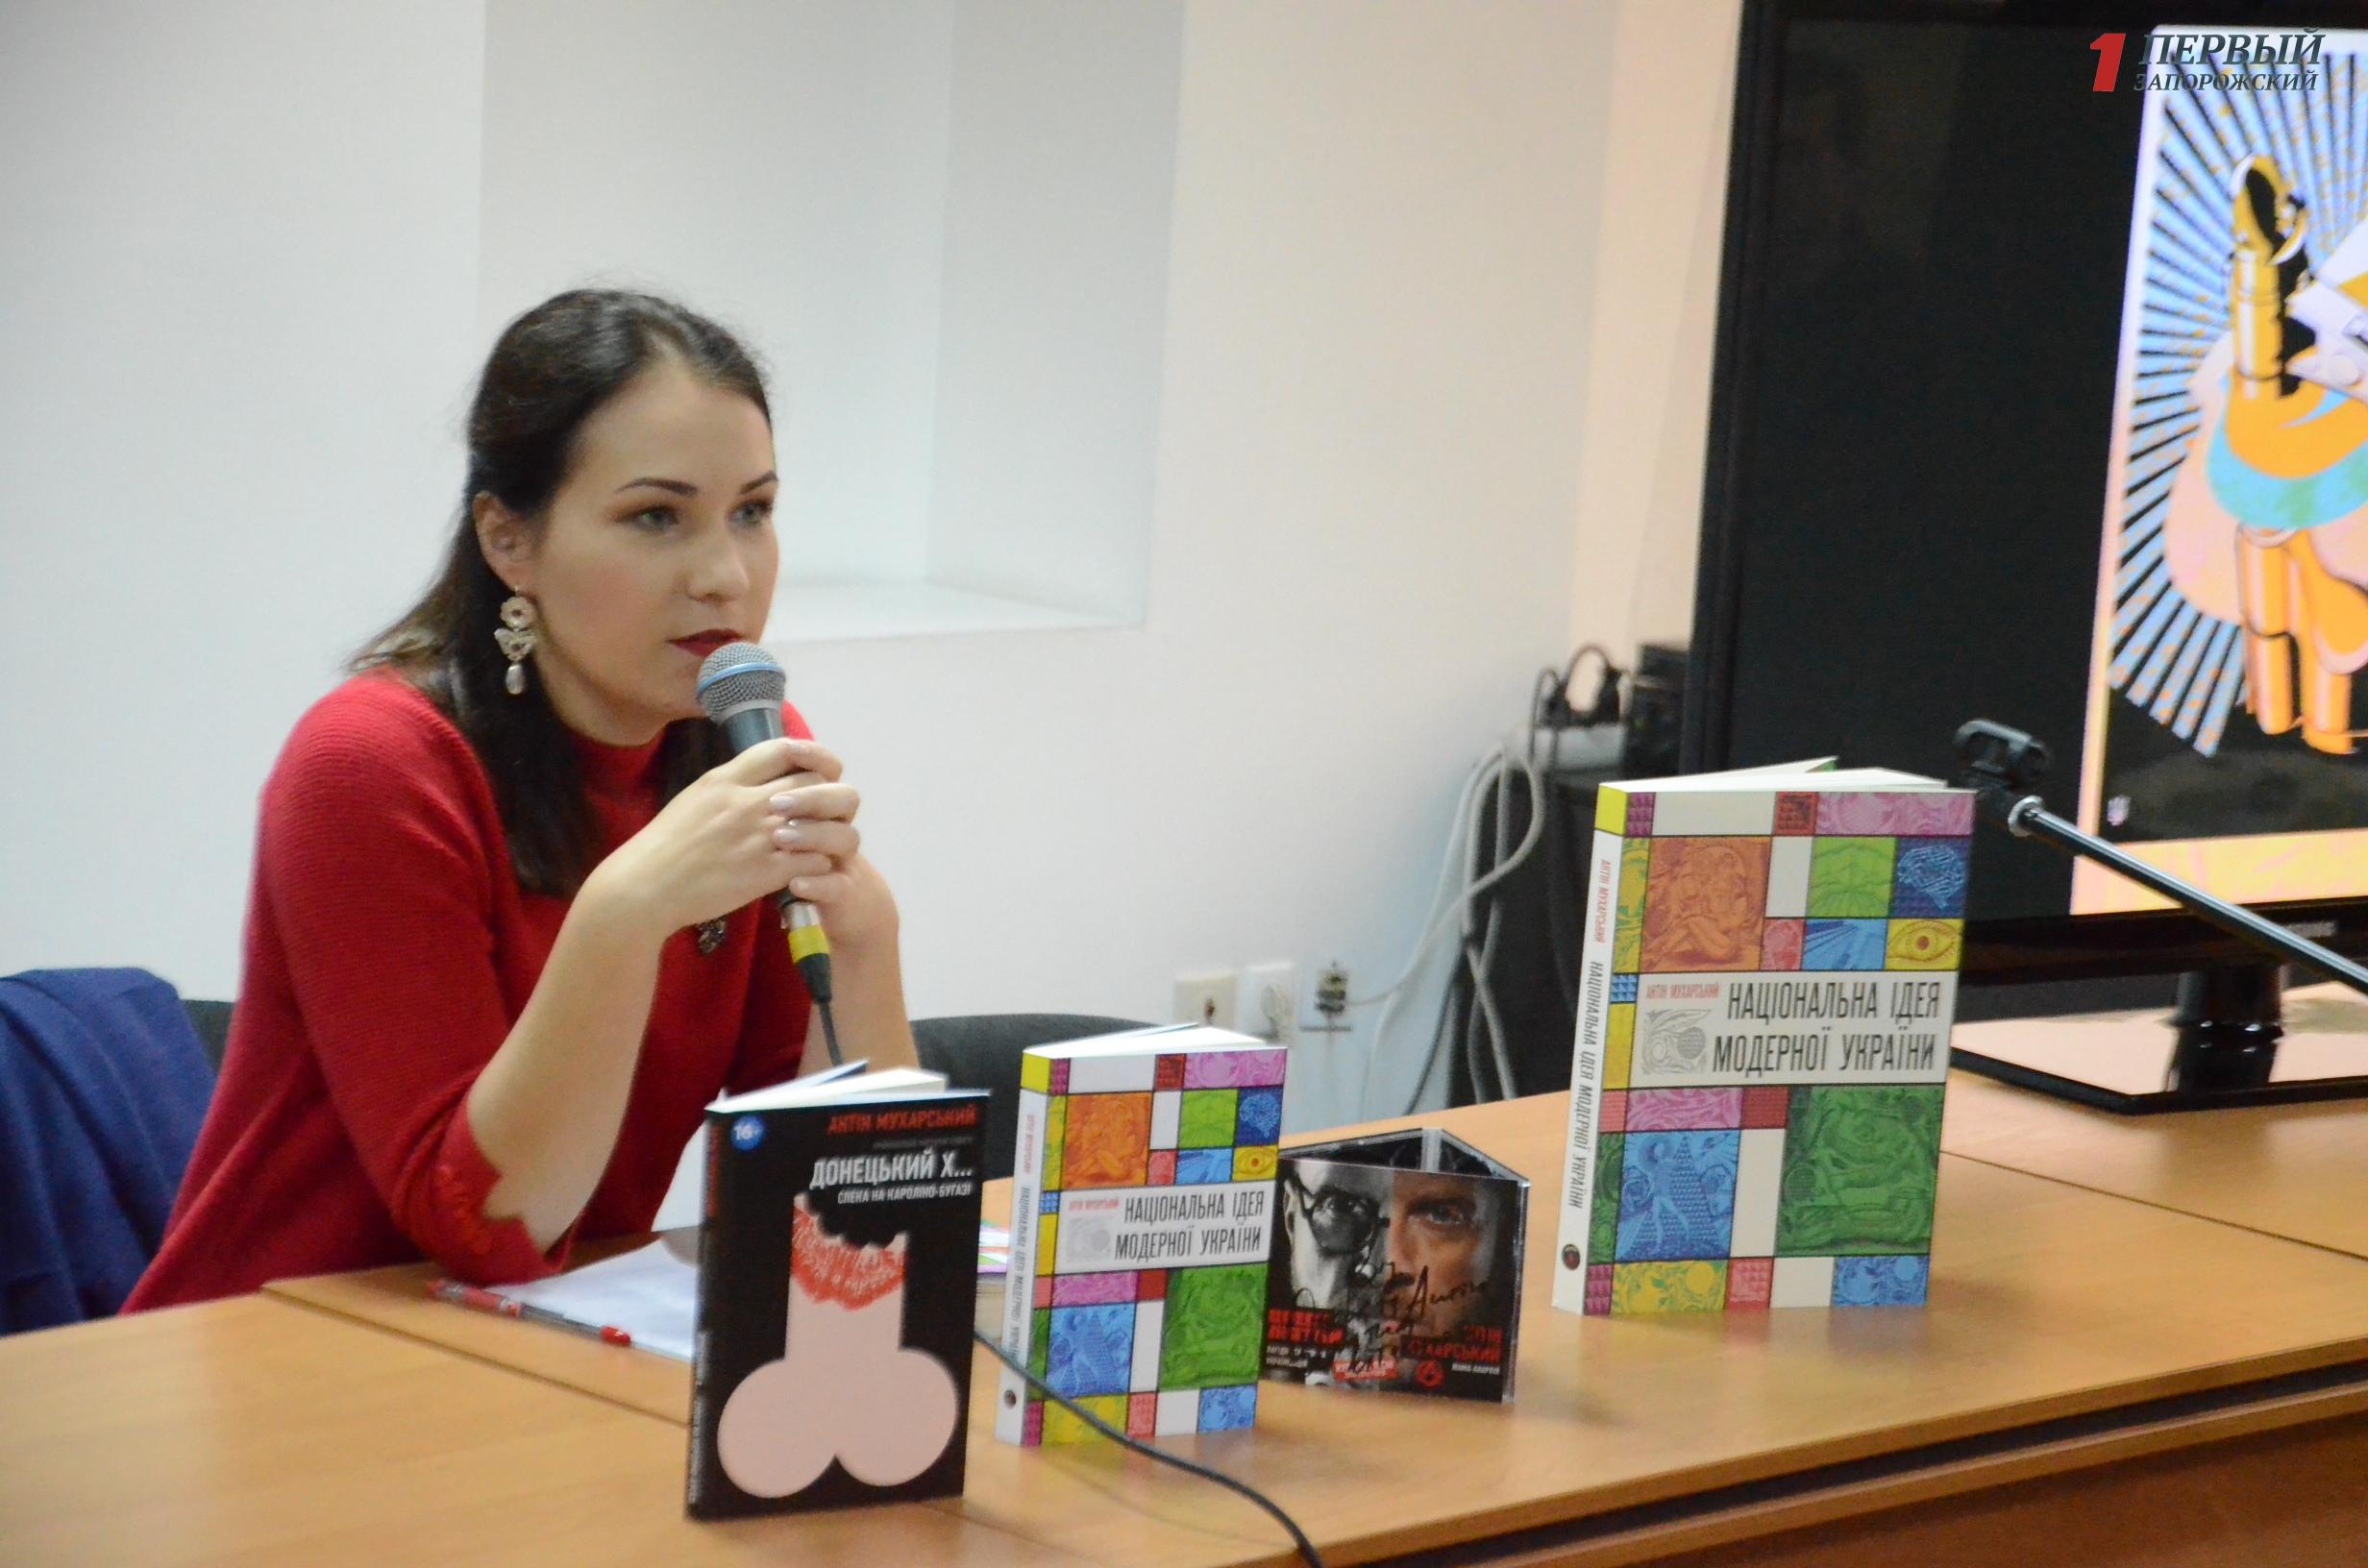 В Запорожье презентовали проукраинский альманах Антина Мухарского - ФОТО, ВИДЕО